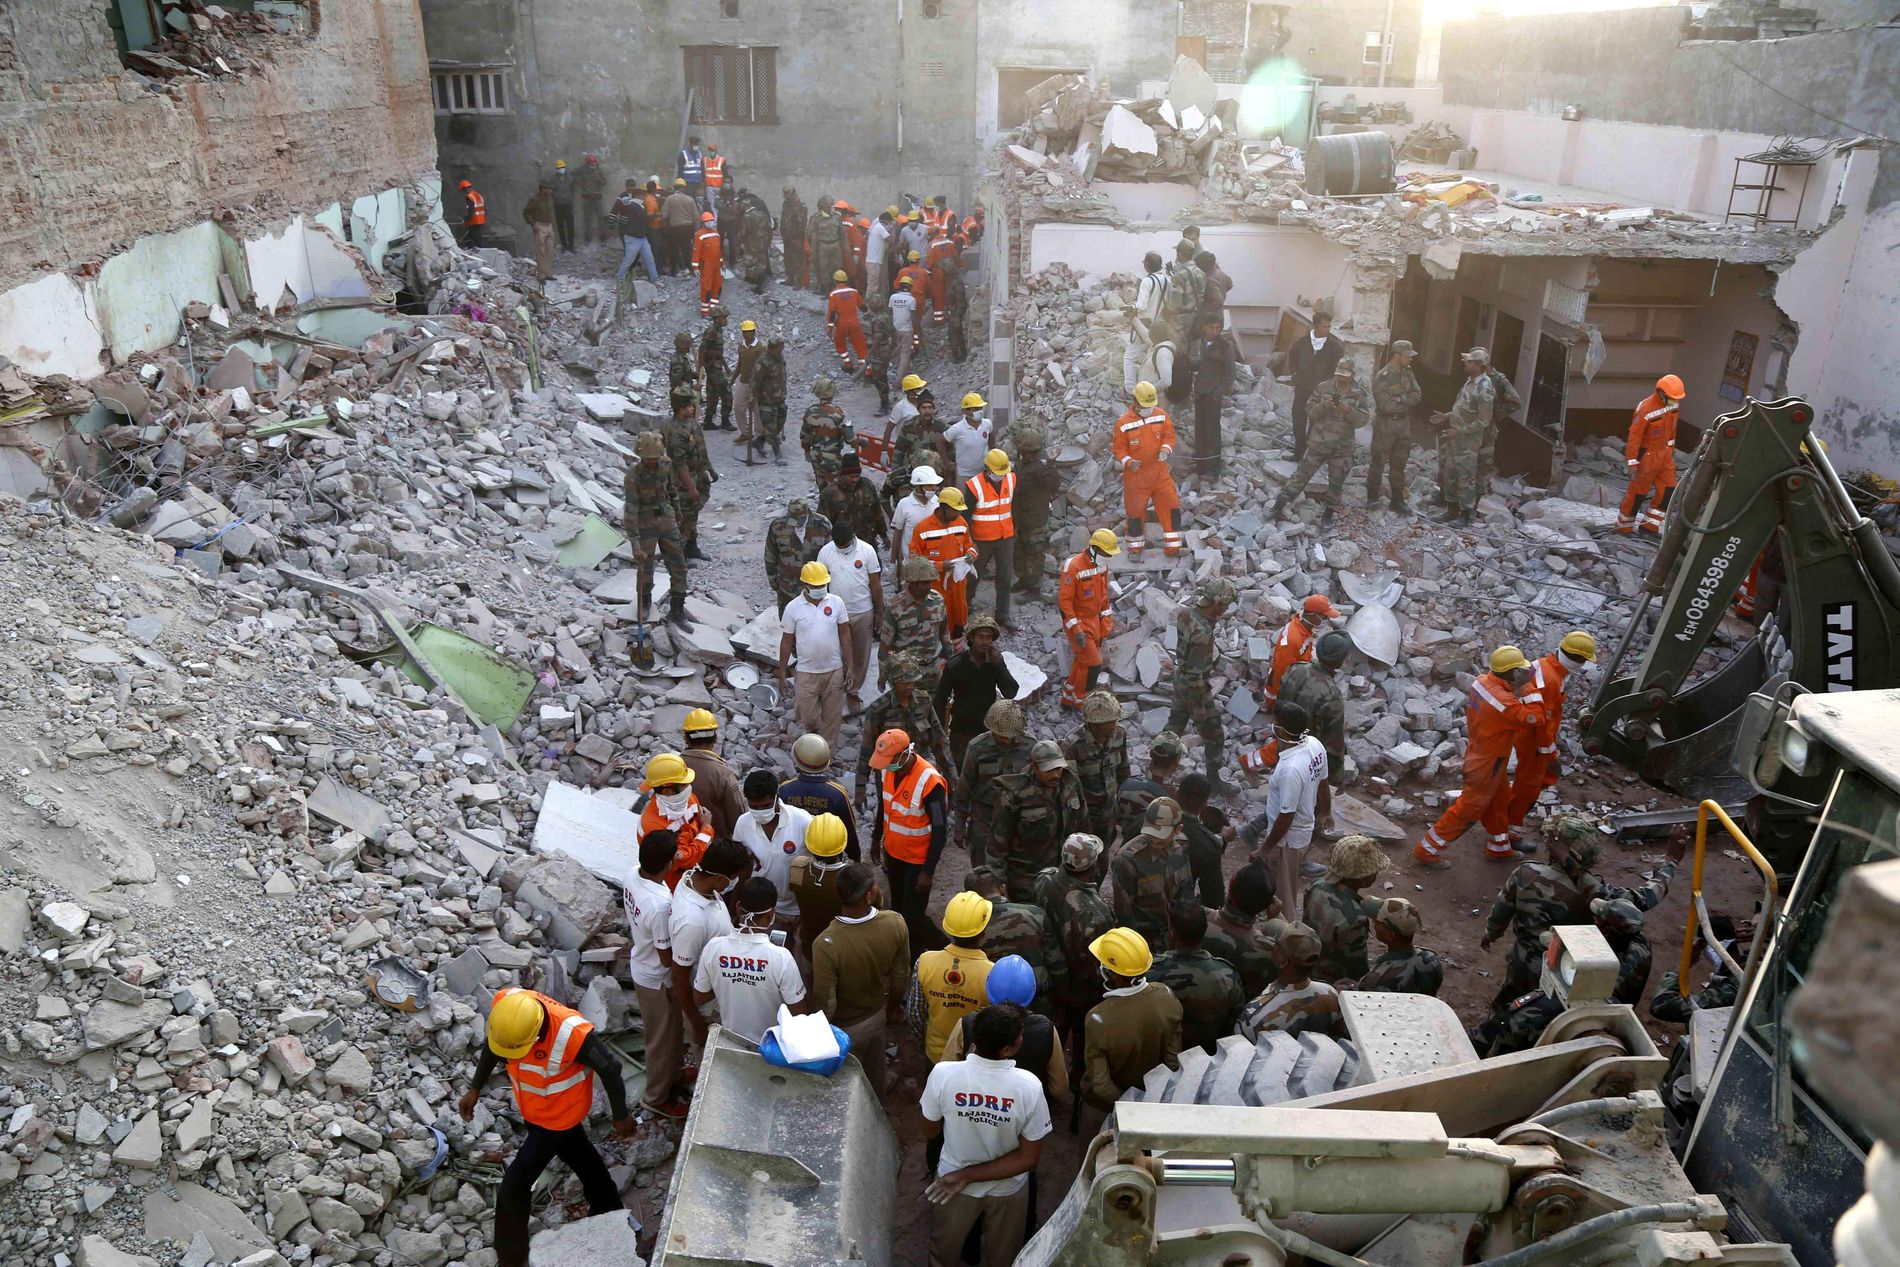 STORT REDNINGSARBEID: Etter gasseksplosjonen jobbet redningsmannskaper for å lete gjennom bygningen som kollapset.